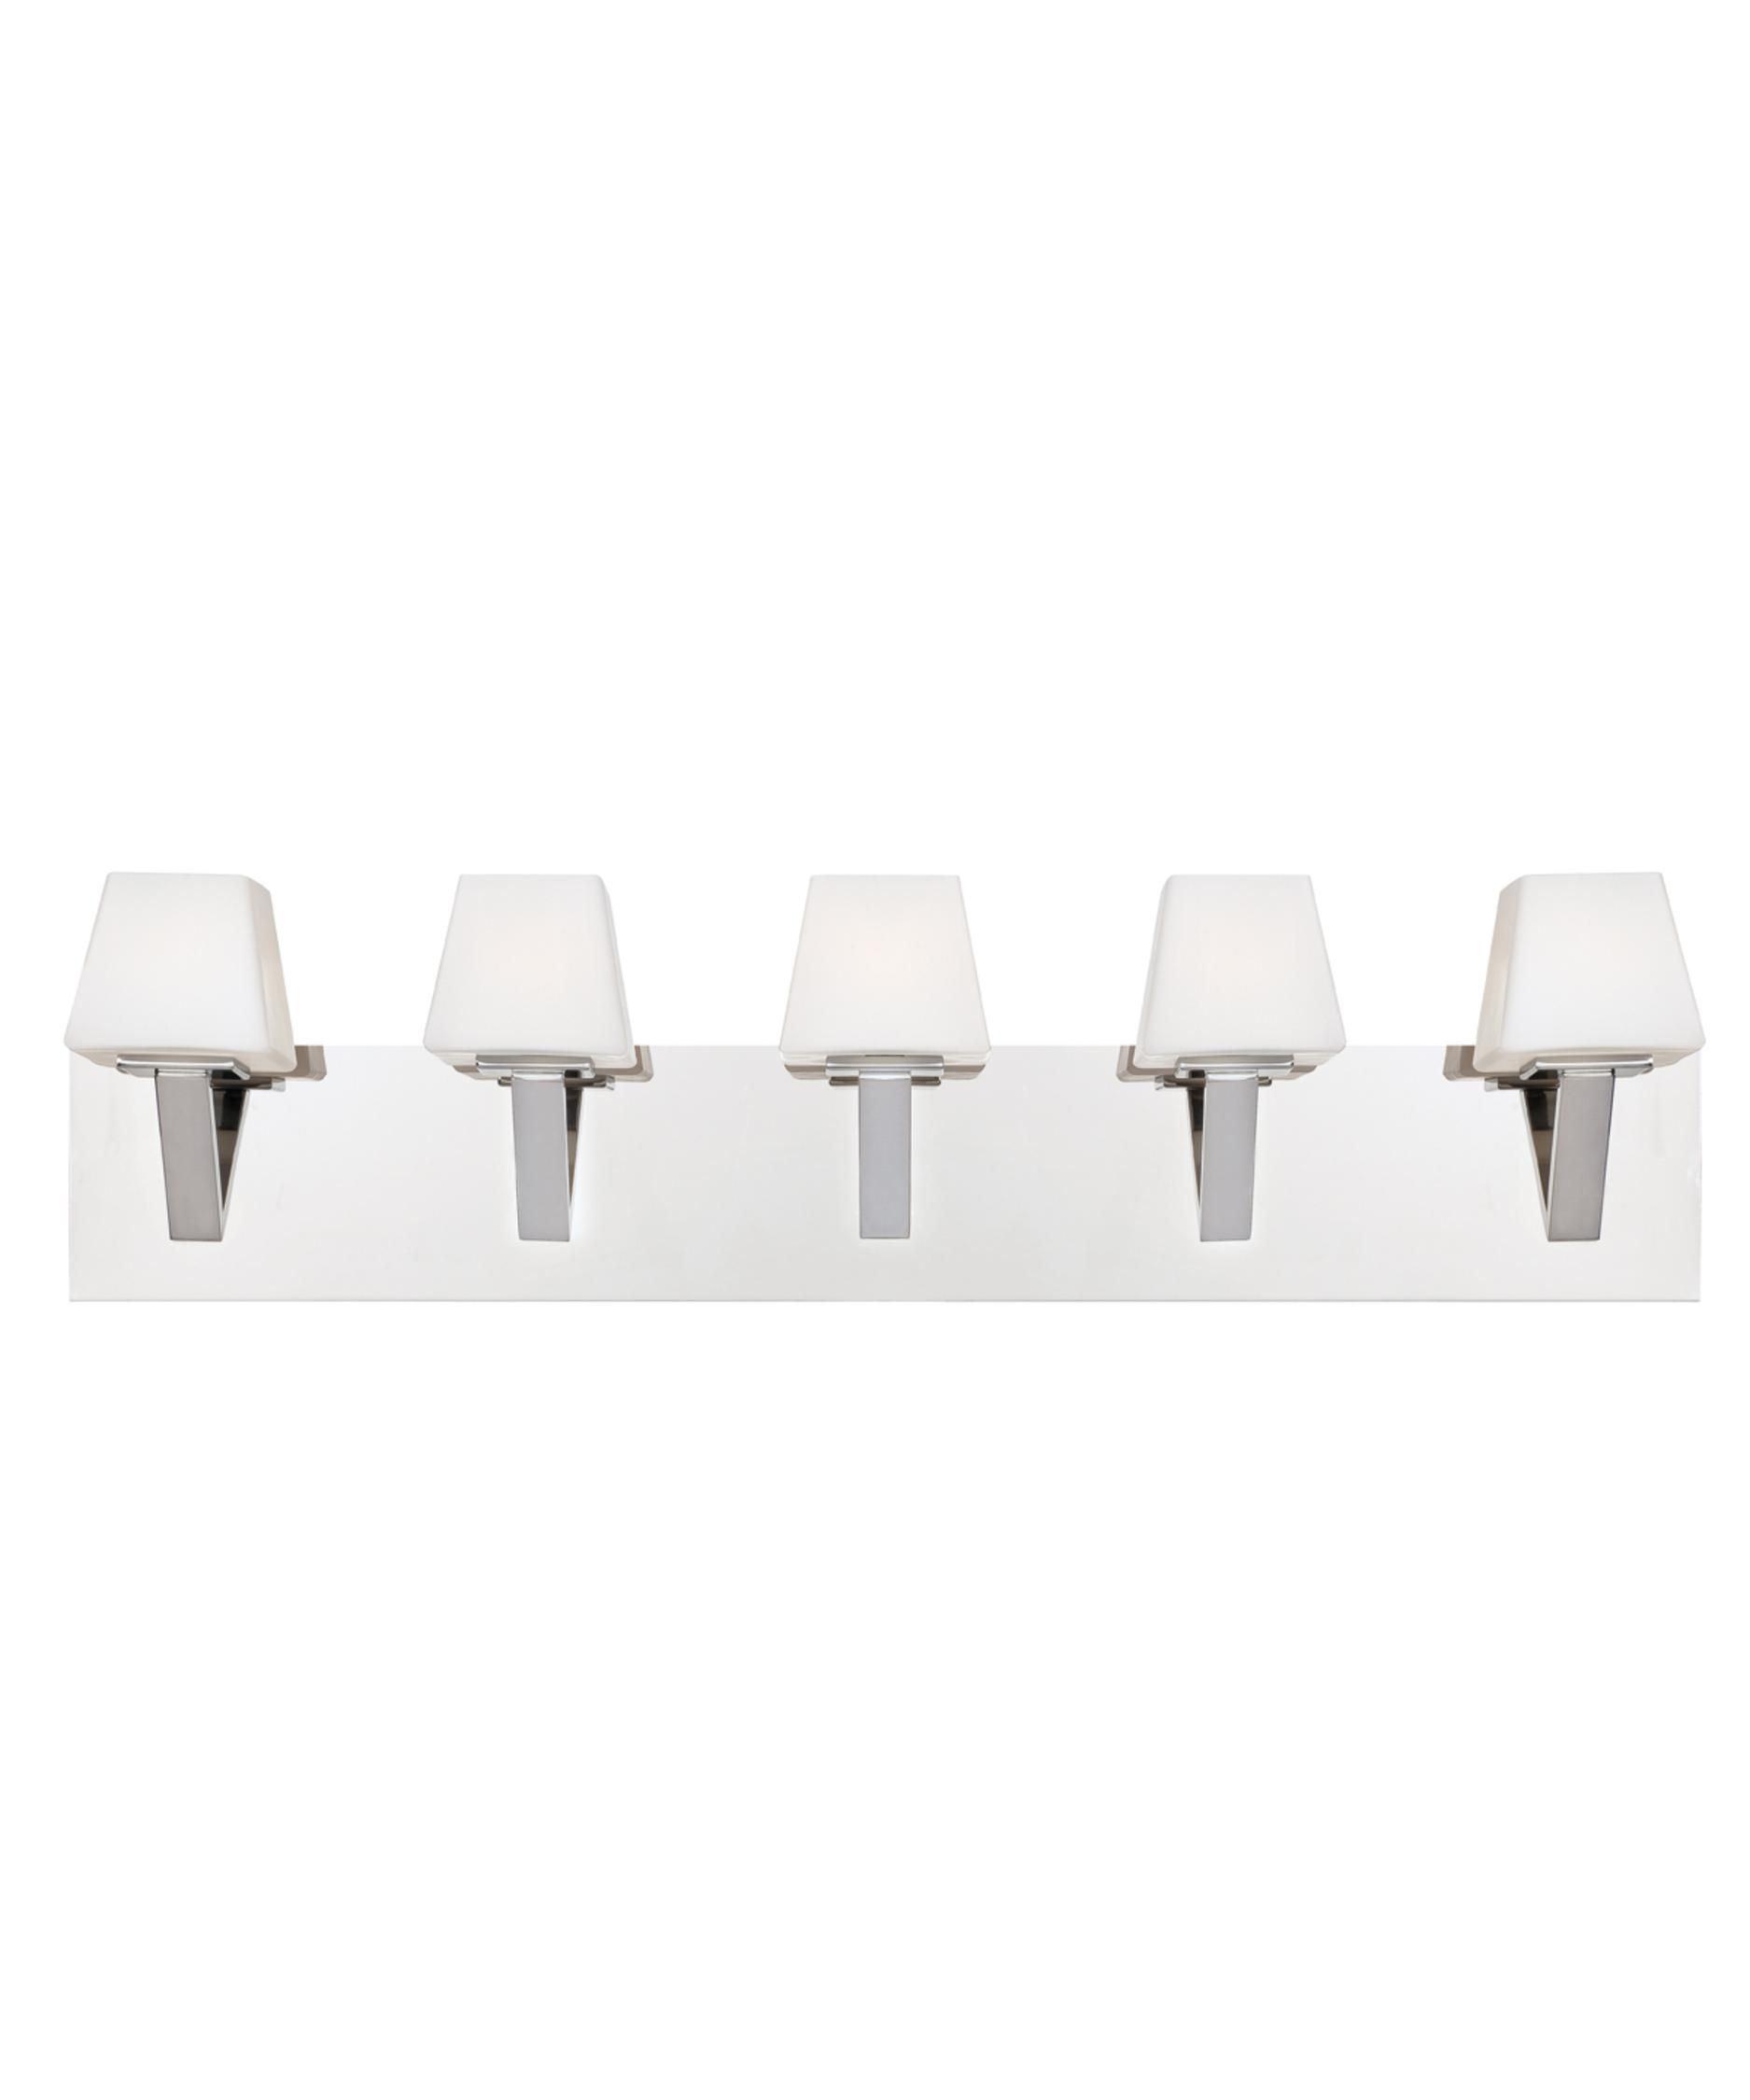 led bathrooms bath design bathroom chrome lights vanity stores fixtures light denver bar furniture lighting